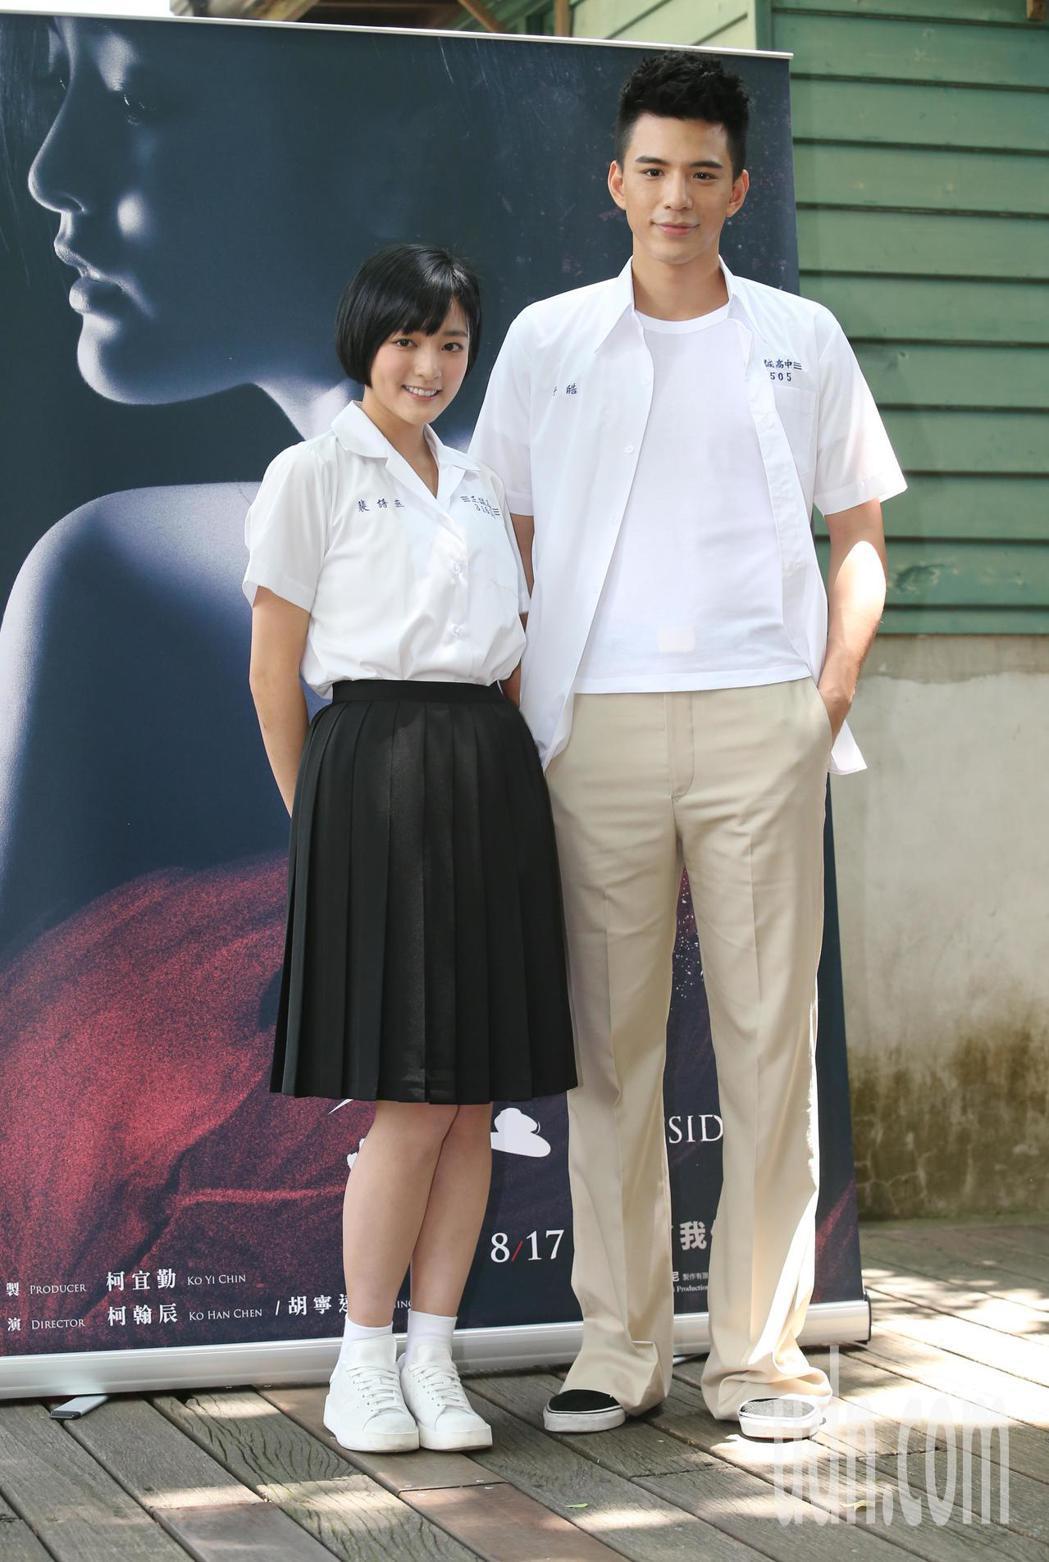 電視劇「鬥魚」改拍成電影版,片中演員林柏叡、王淨宣傳新戲。記者許正宏/攝影